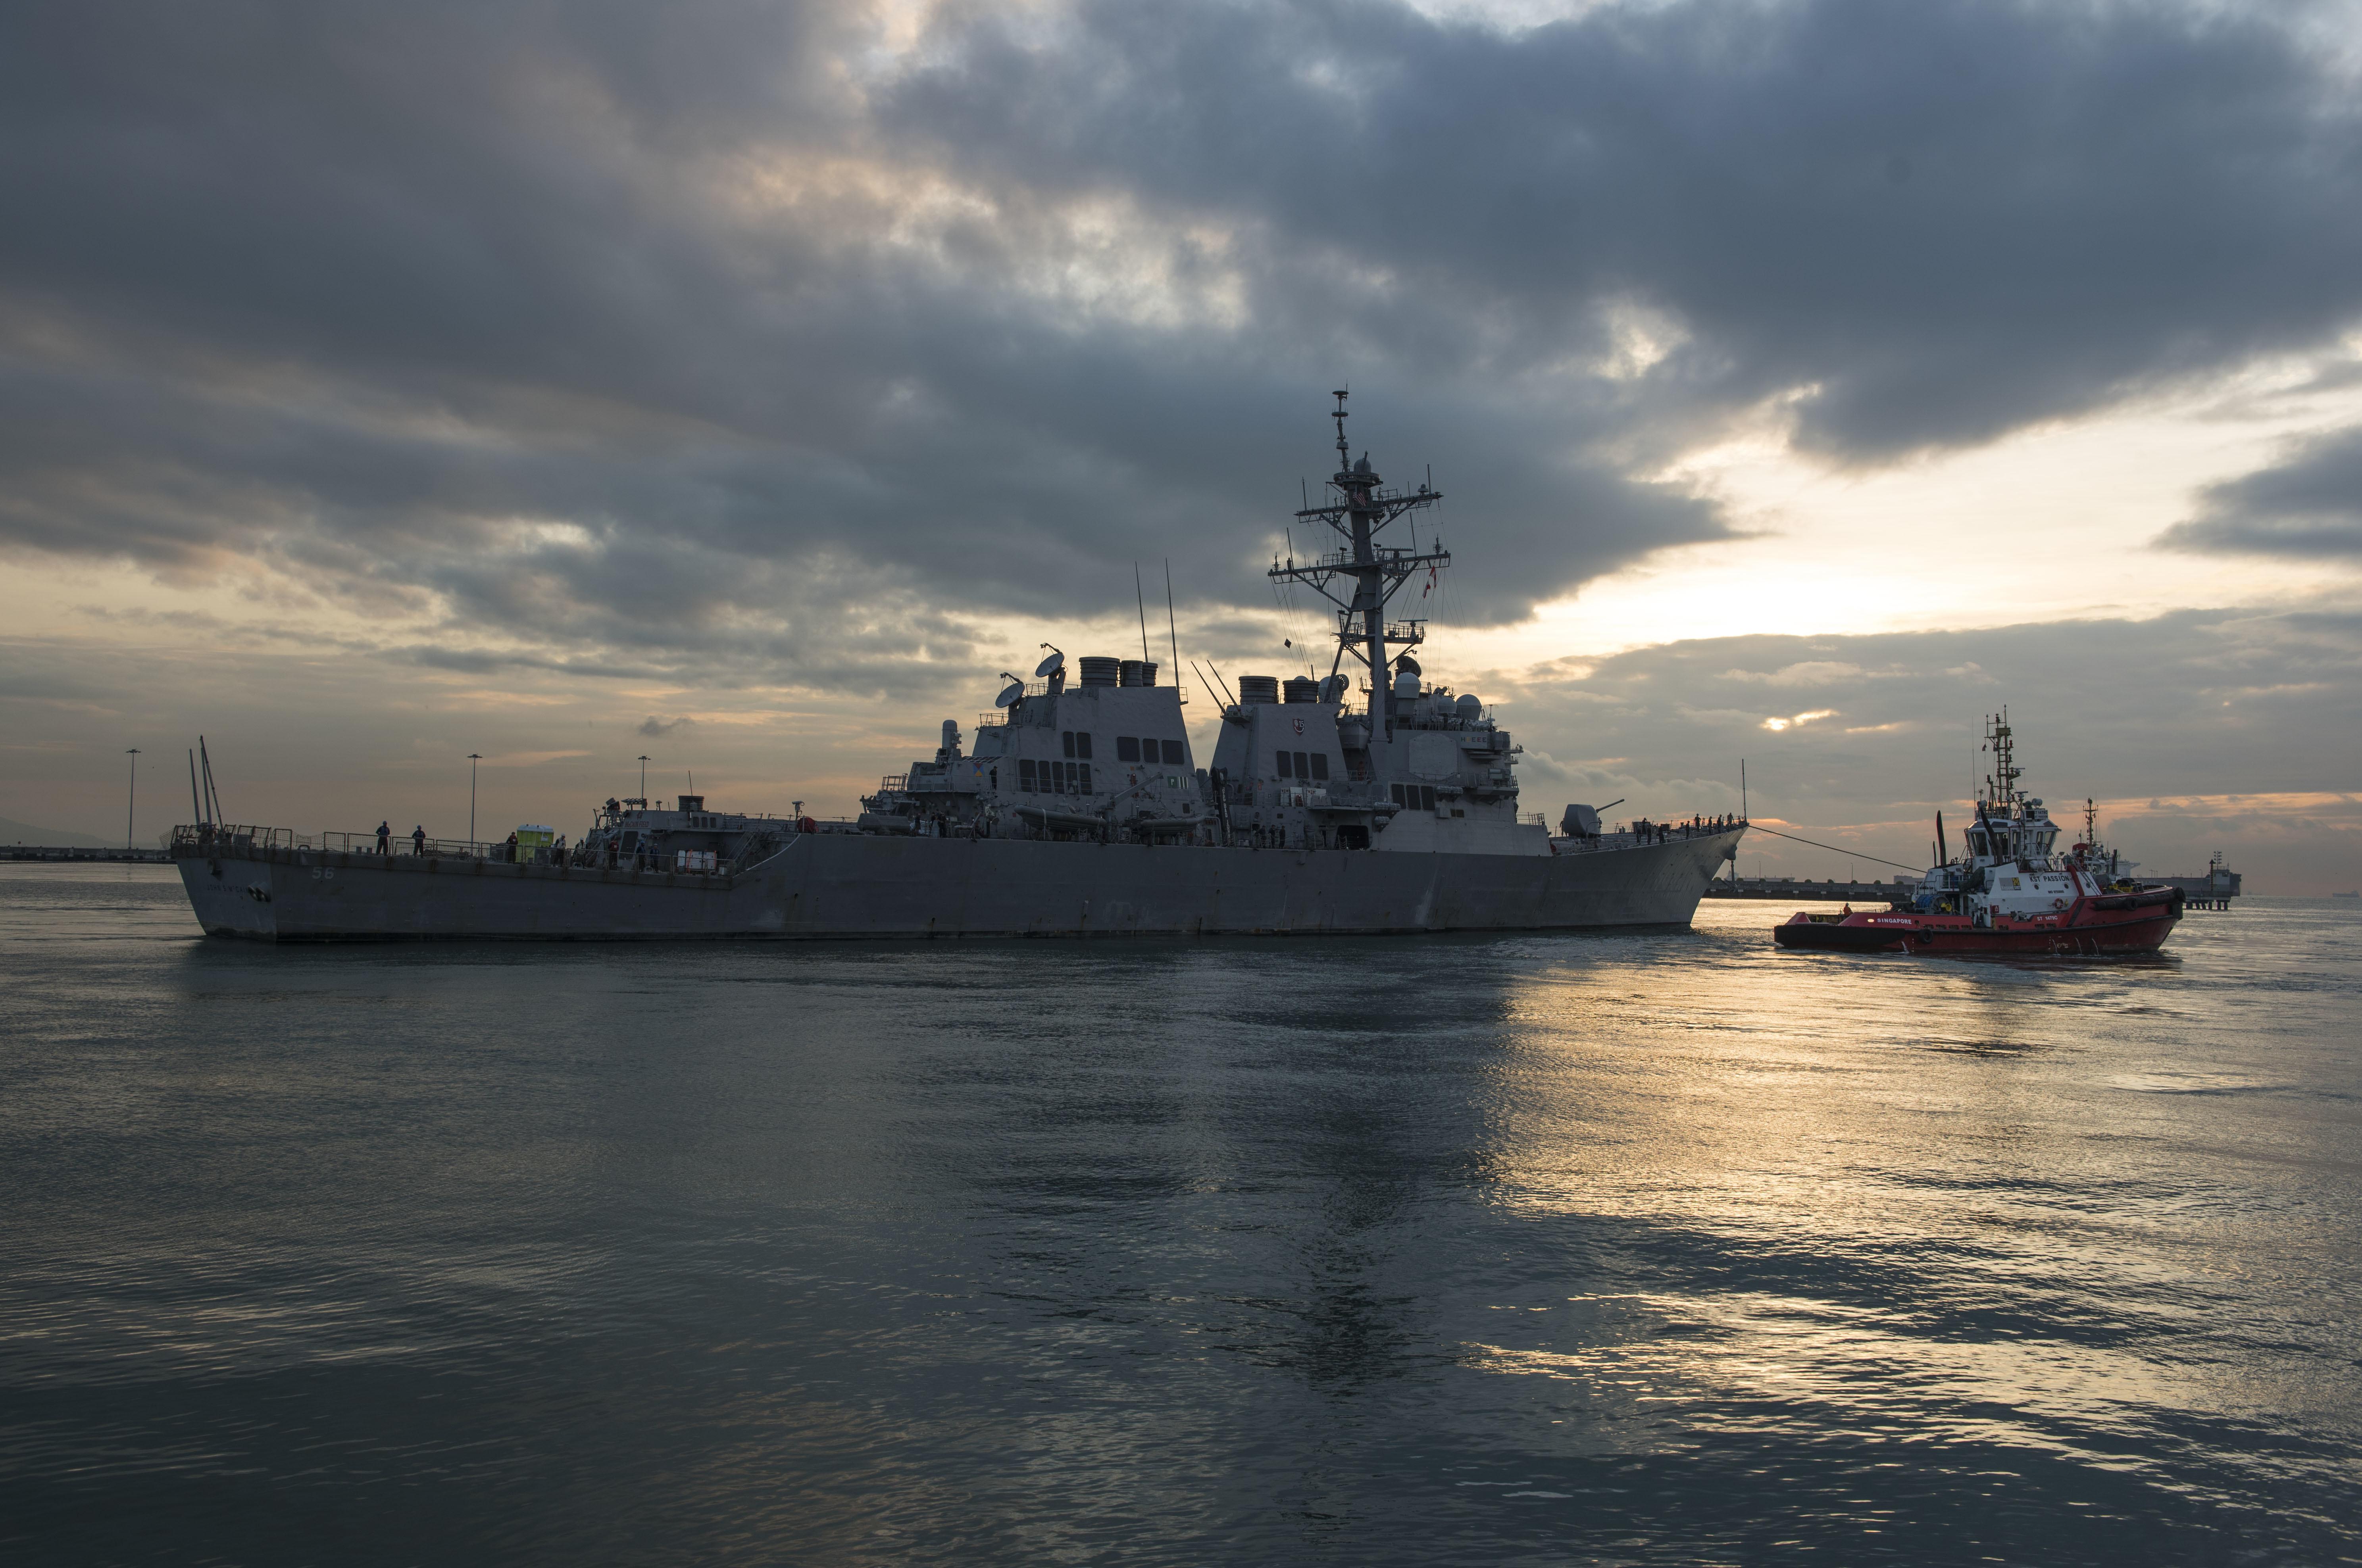 Amerikai hadihajó közelített meg egy vitatott hovatartozású szigetet a dél-kínai tengeren